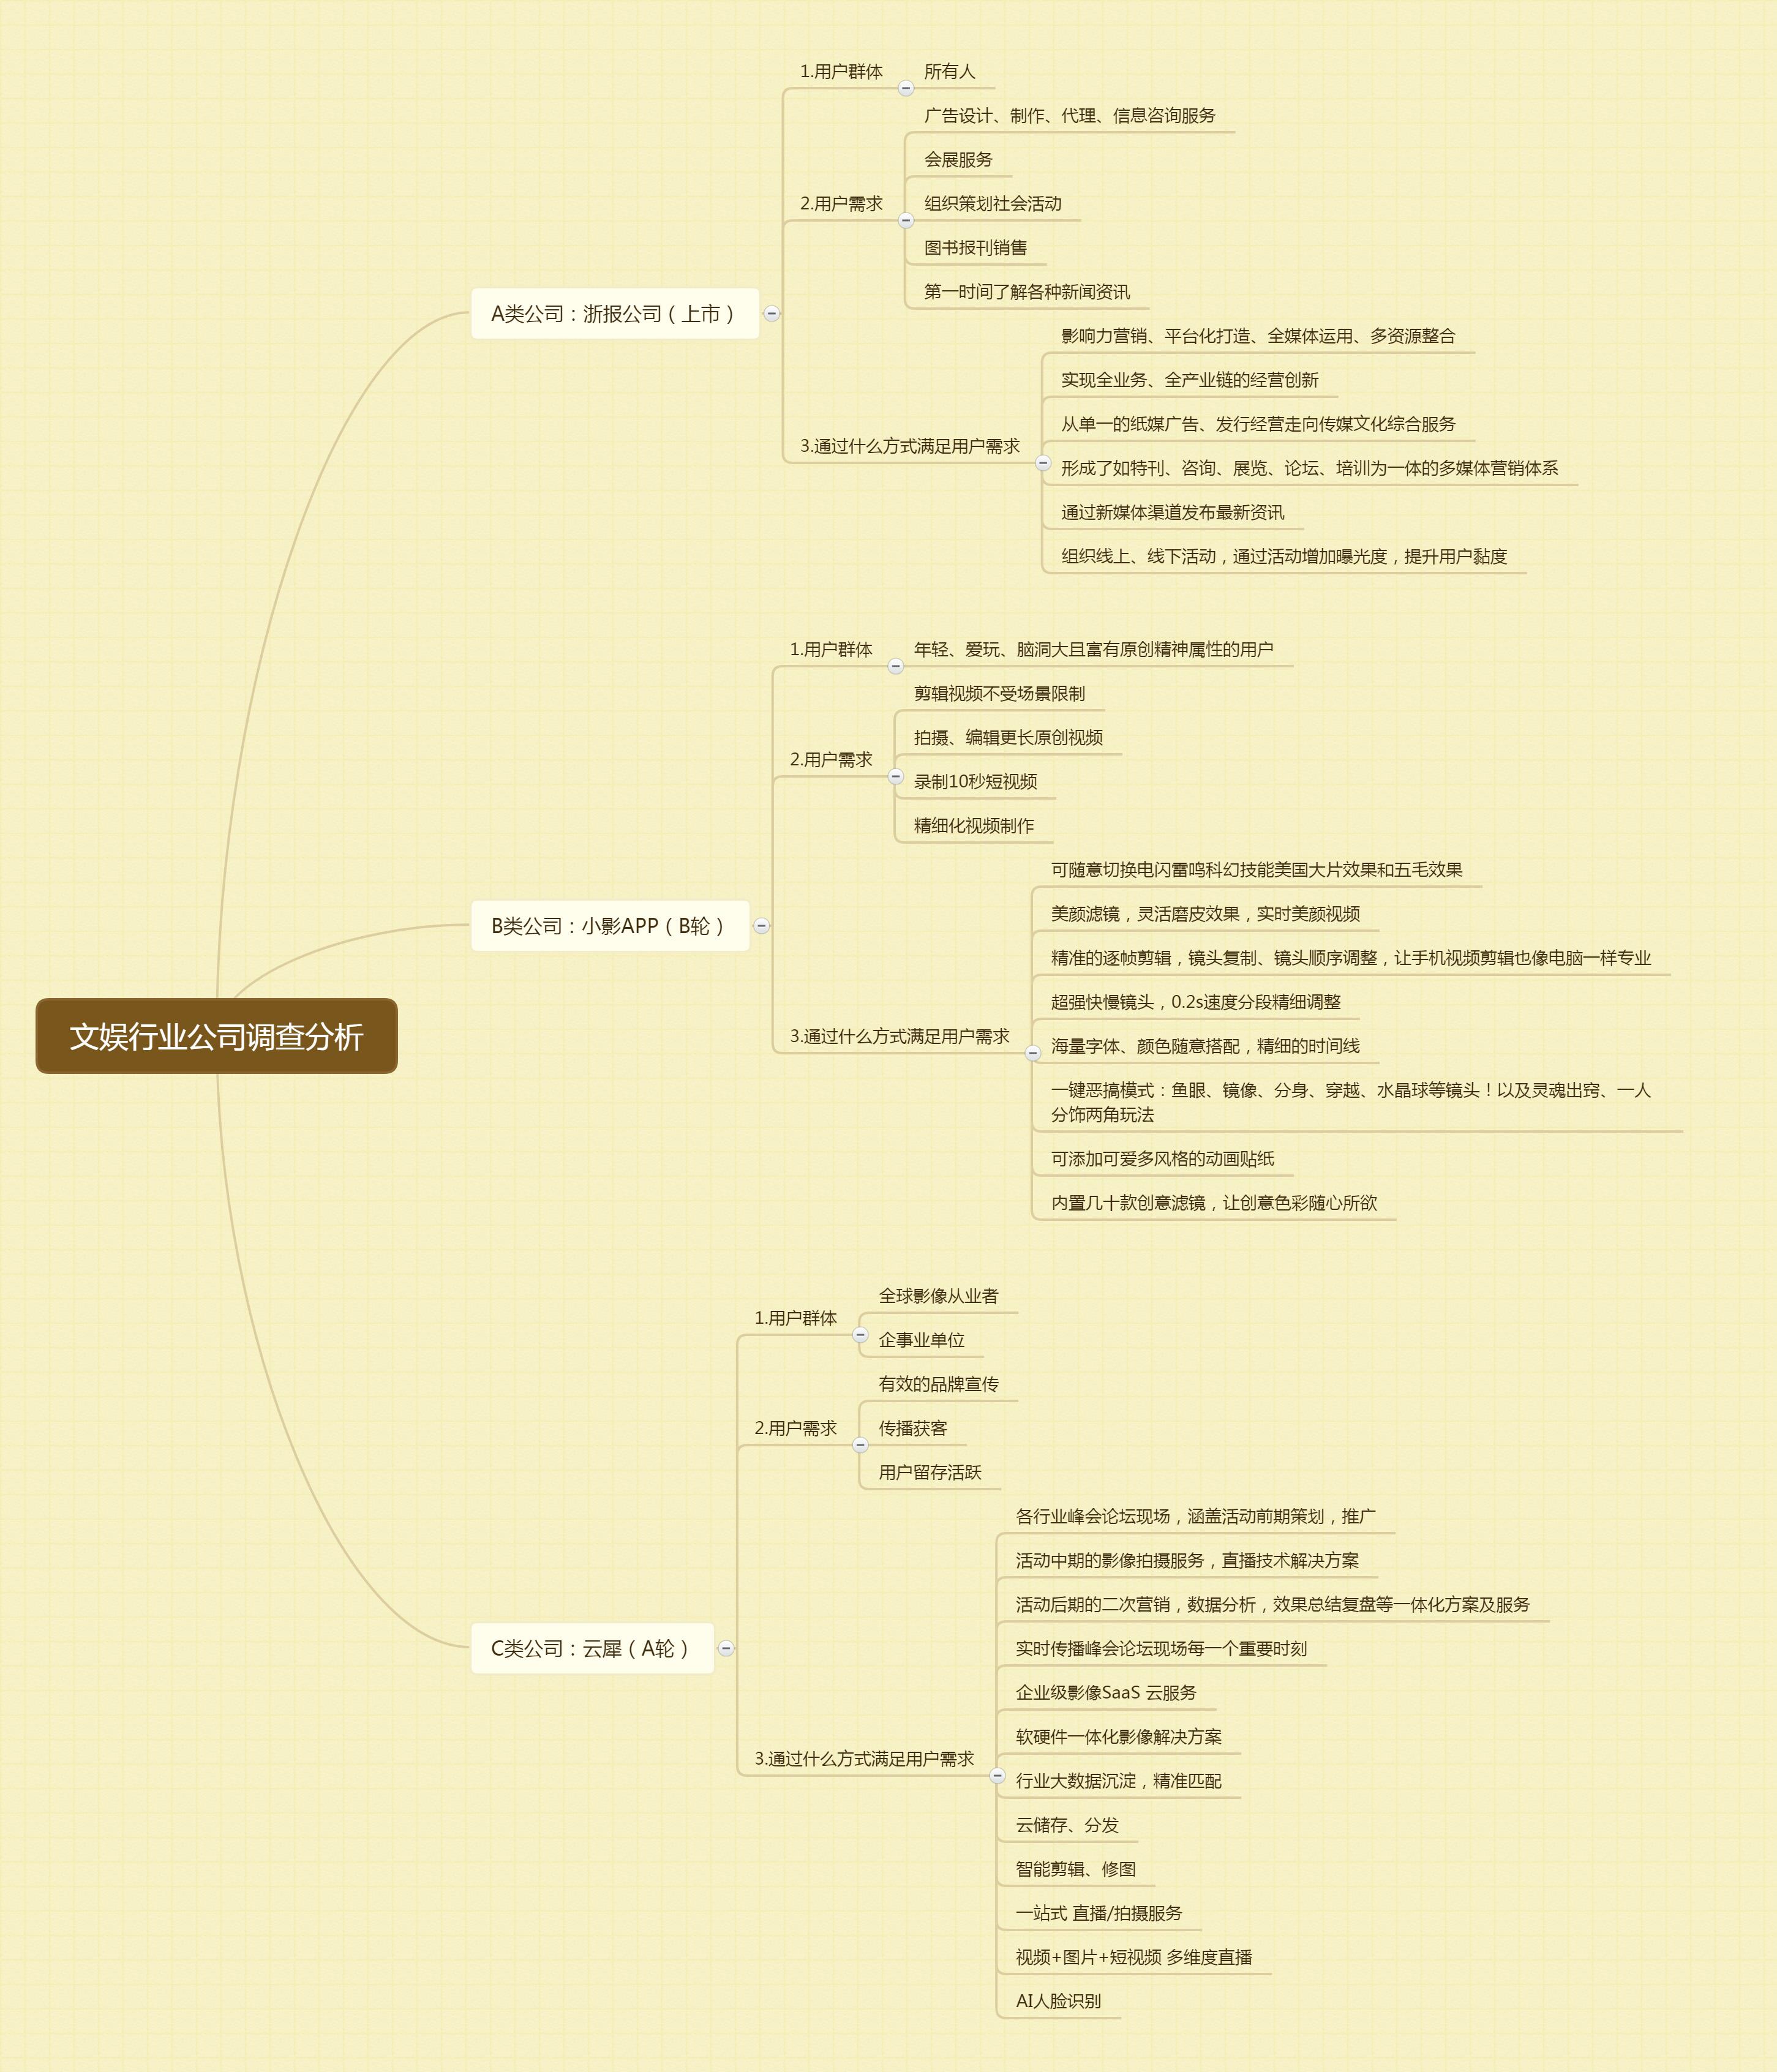 文娱行业公司调查分析.jpg